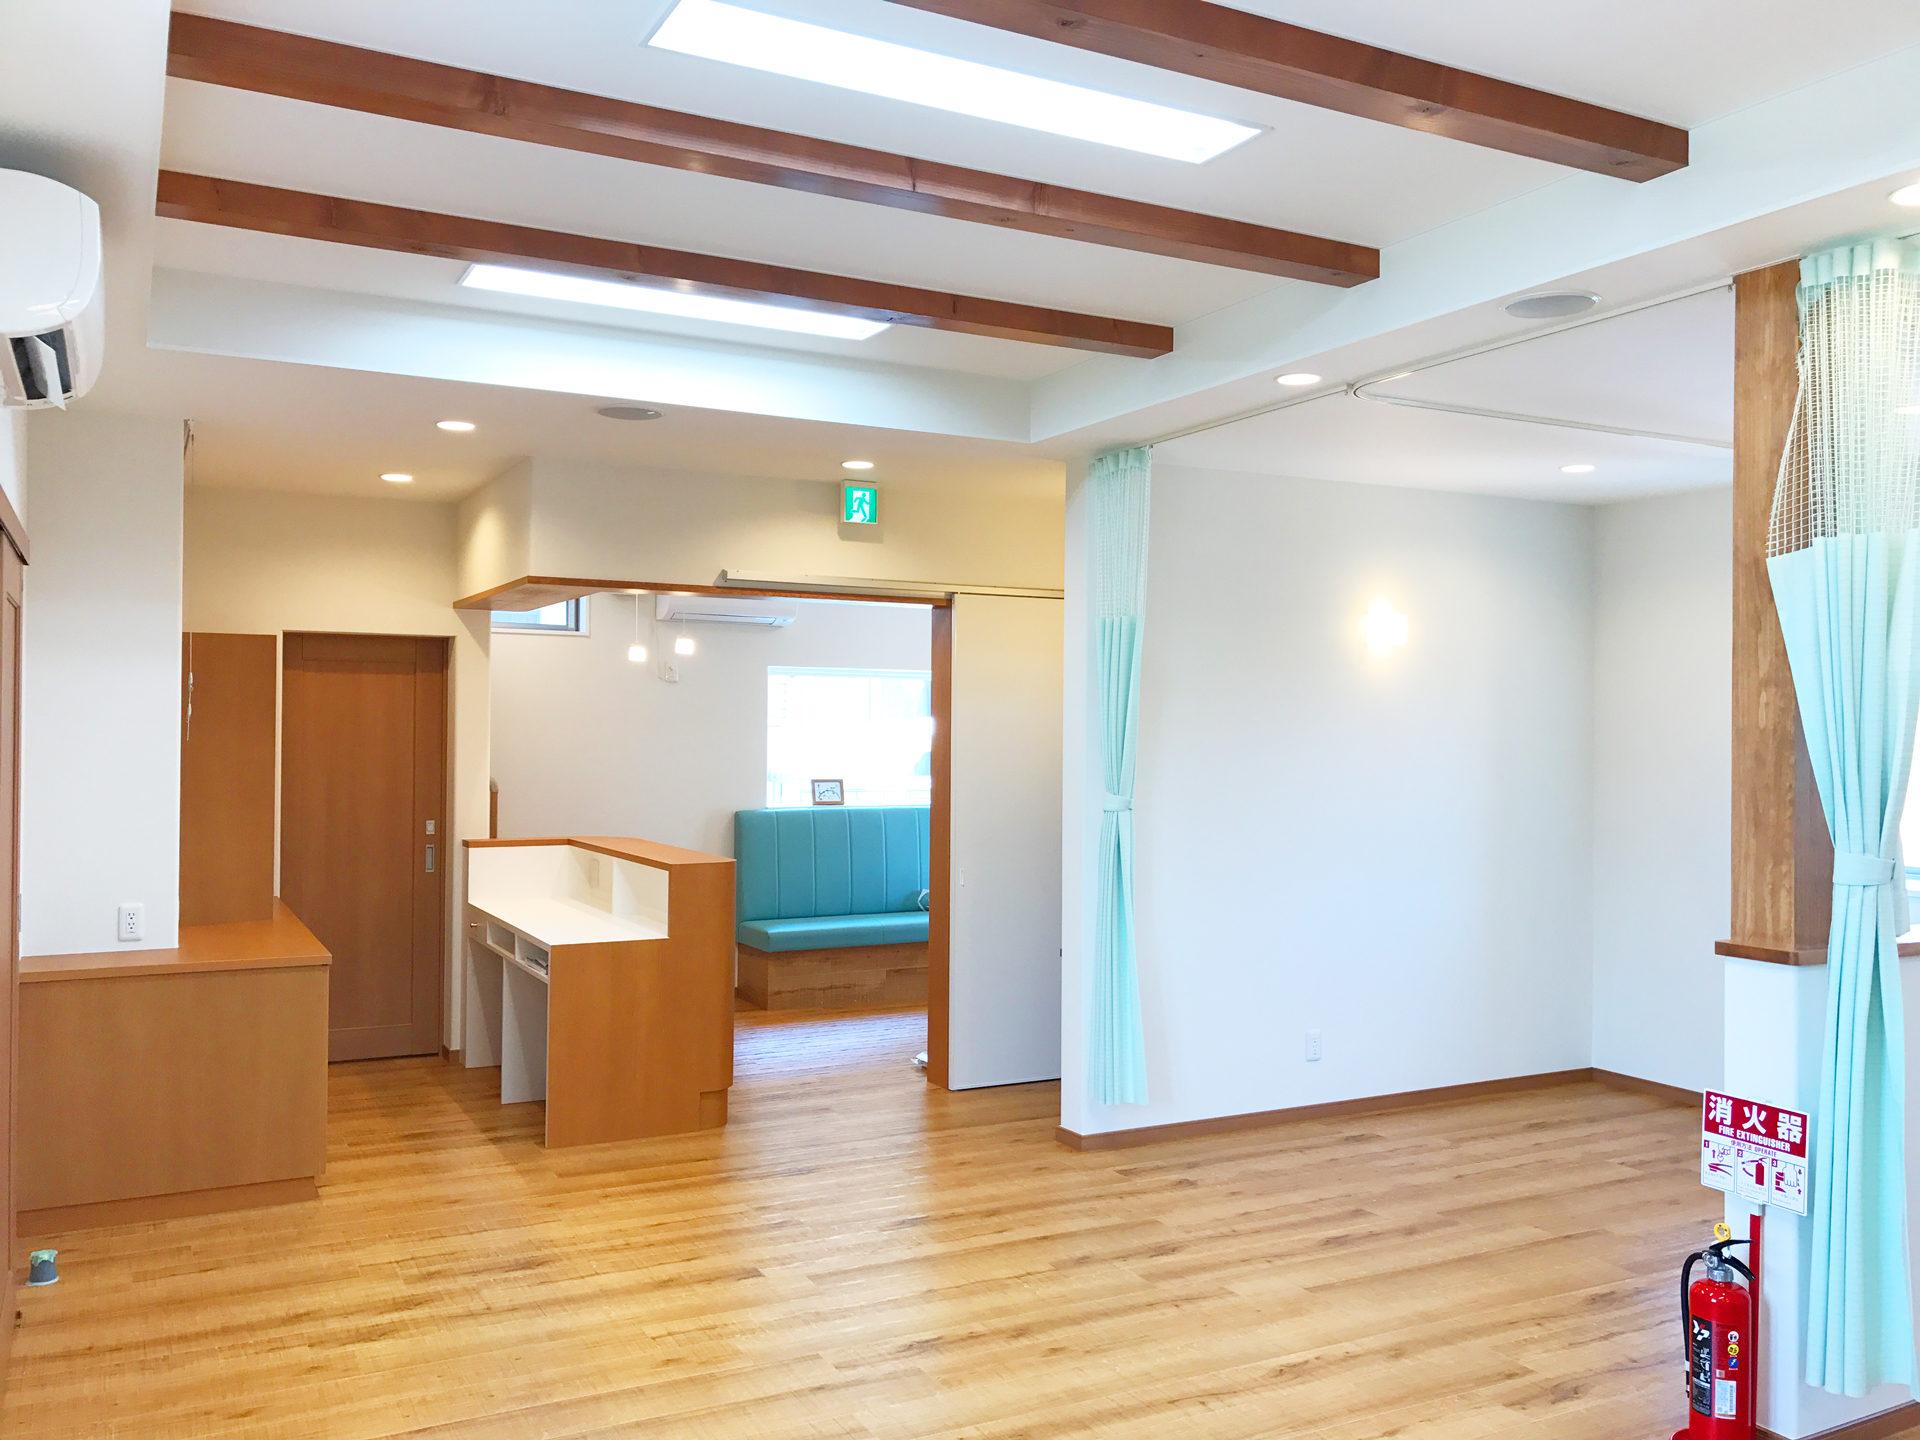 設計・デザインをした店舗(鍼灸接骨院)付き住宅の接骨院施術室と受付カウンターとカルテ棚と待合室